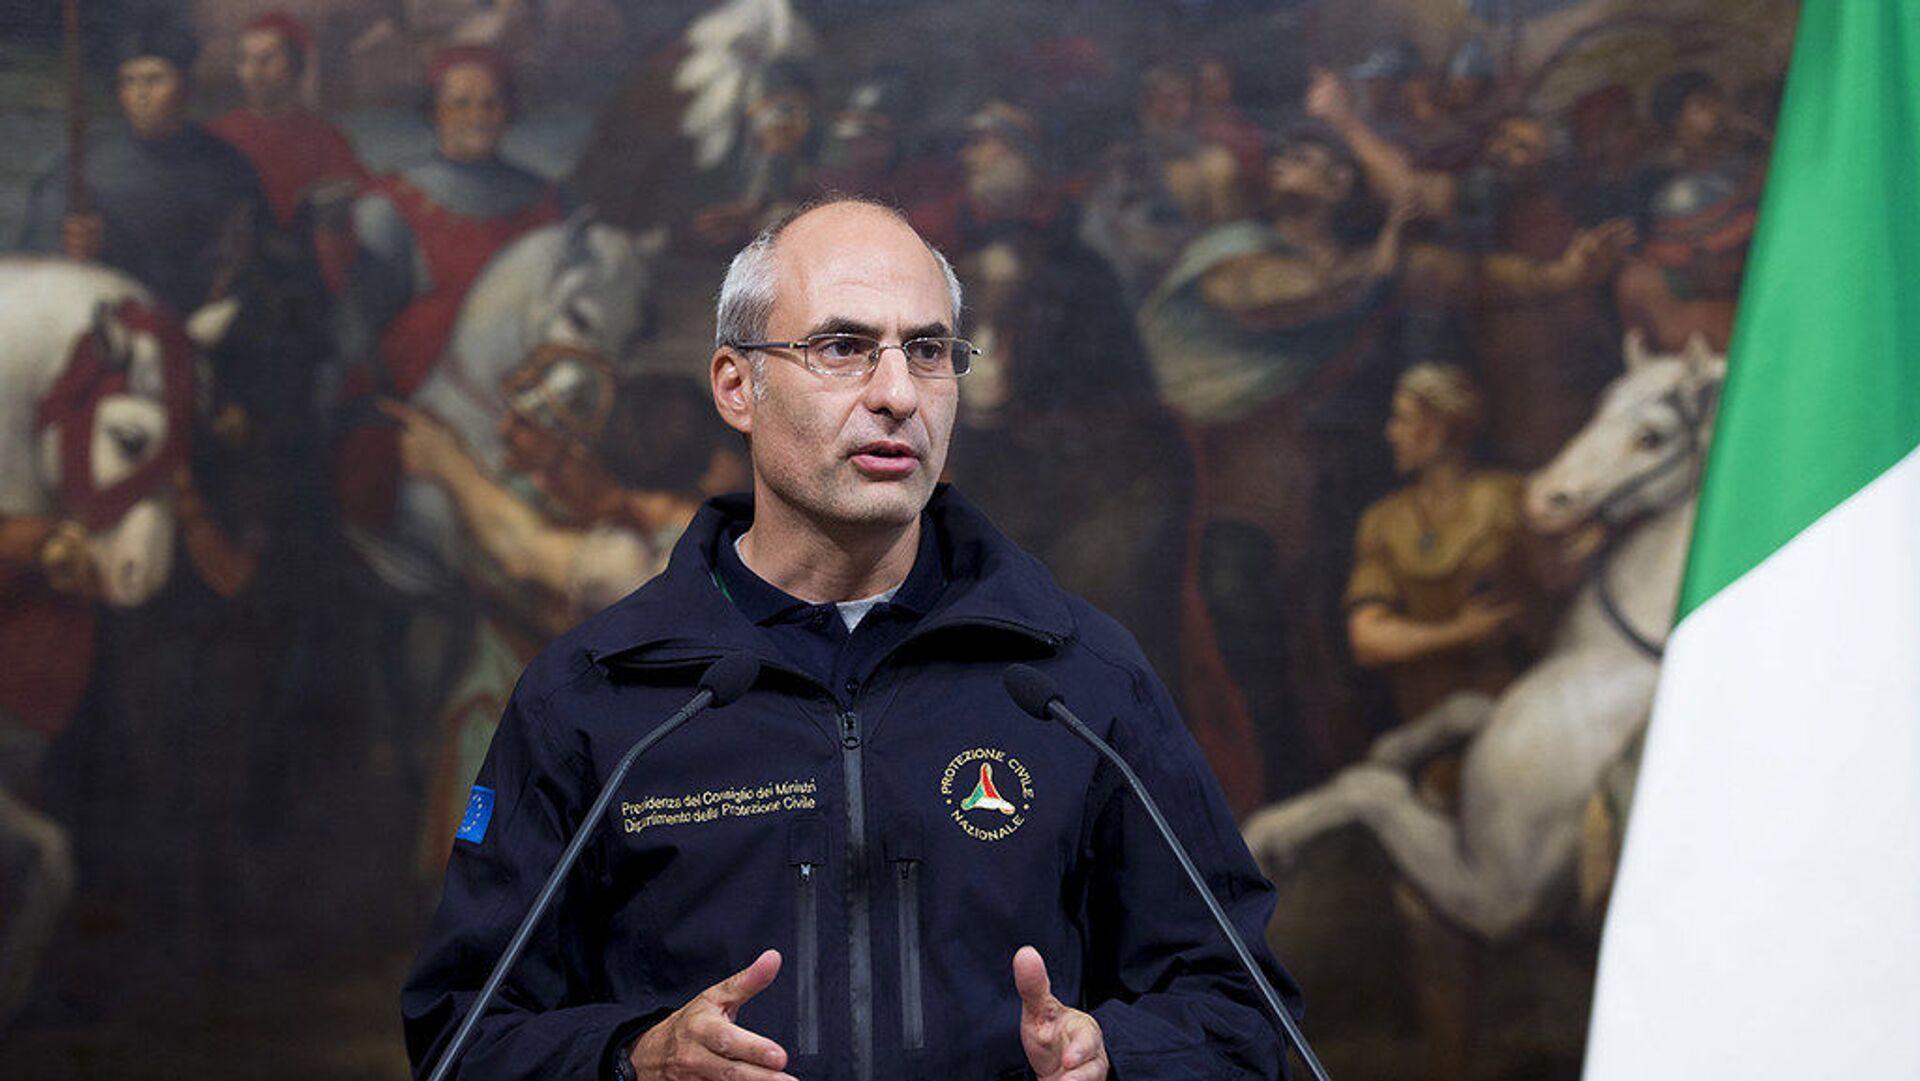 Fabrizio Curcio, nuovo capo del Dipartimento della Protezione Civile - Sputnik Italia, 1920, 29.03.2021